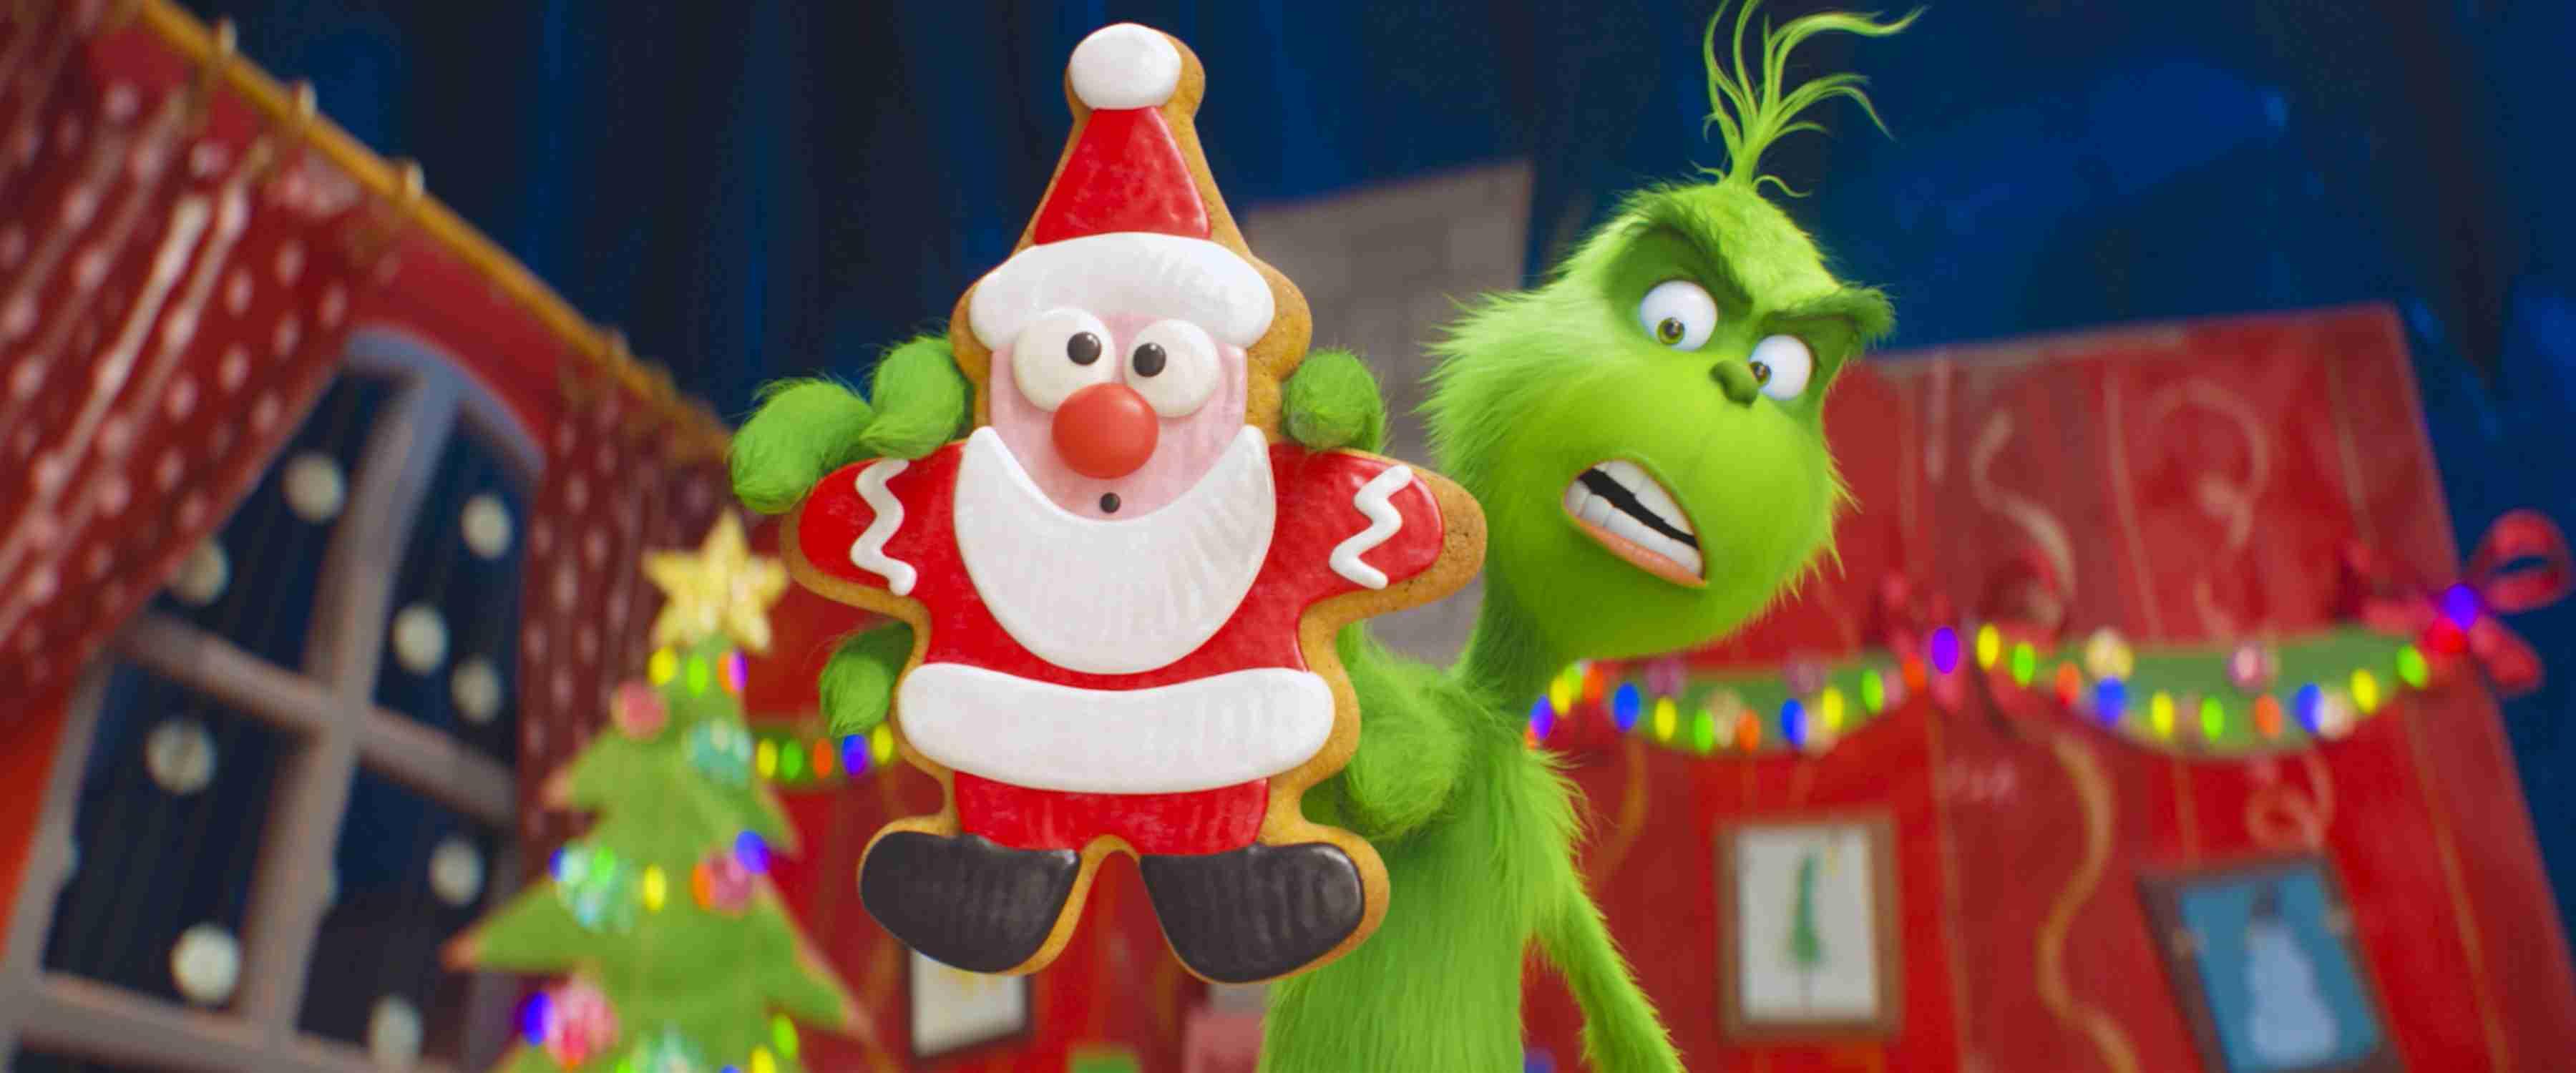 《绿毛怪格林奇》预热欢乐圣诞 爆笑山羊成新晋网红